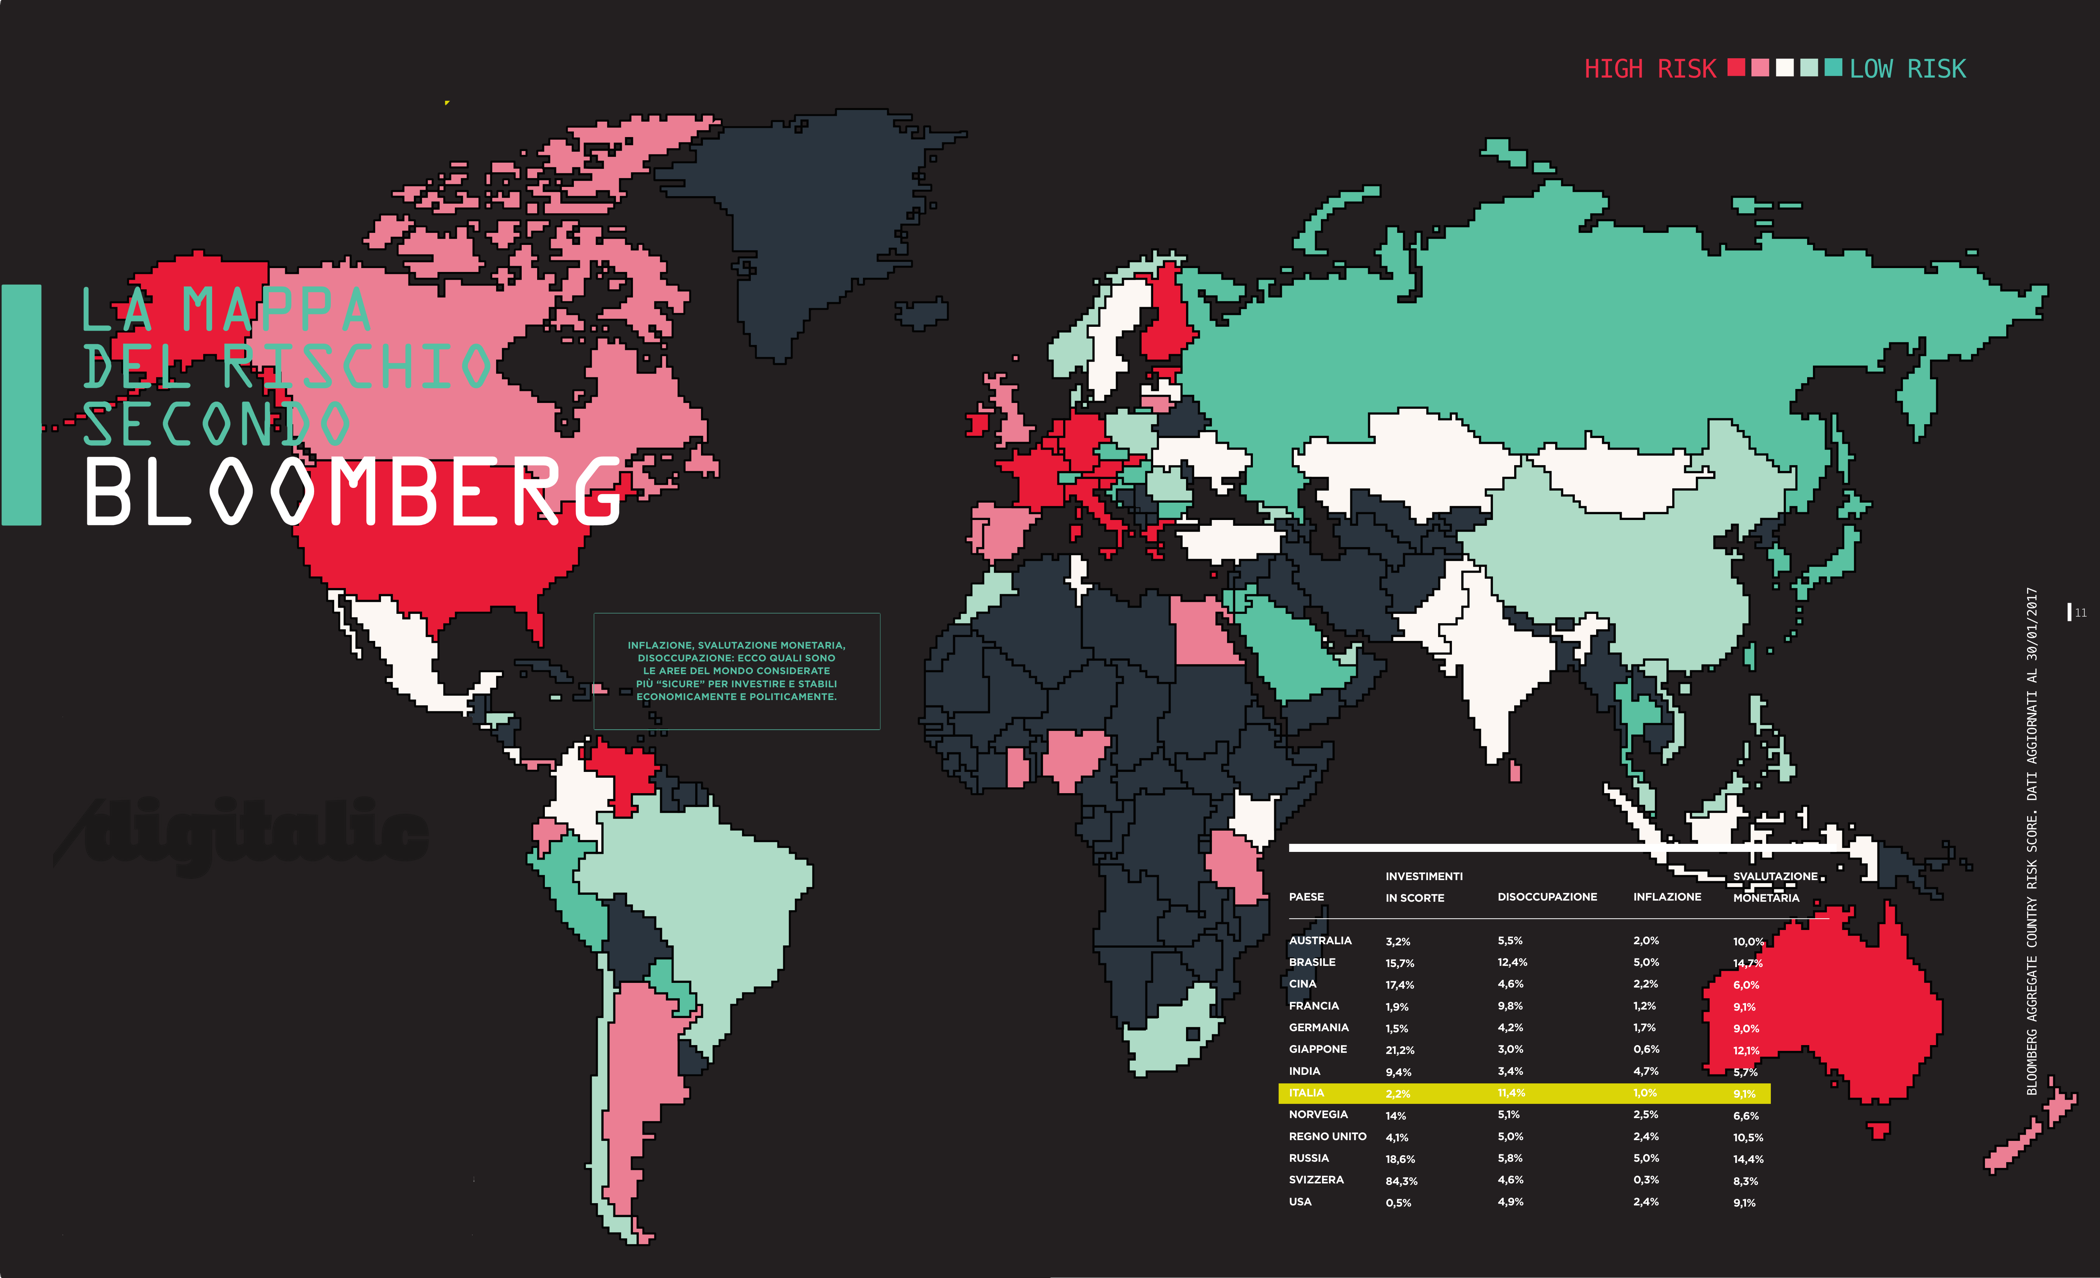 Italia in testa alle Nazioni più a rischio per l'economia, secondo Bloomberg – mappa